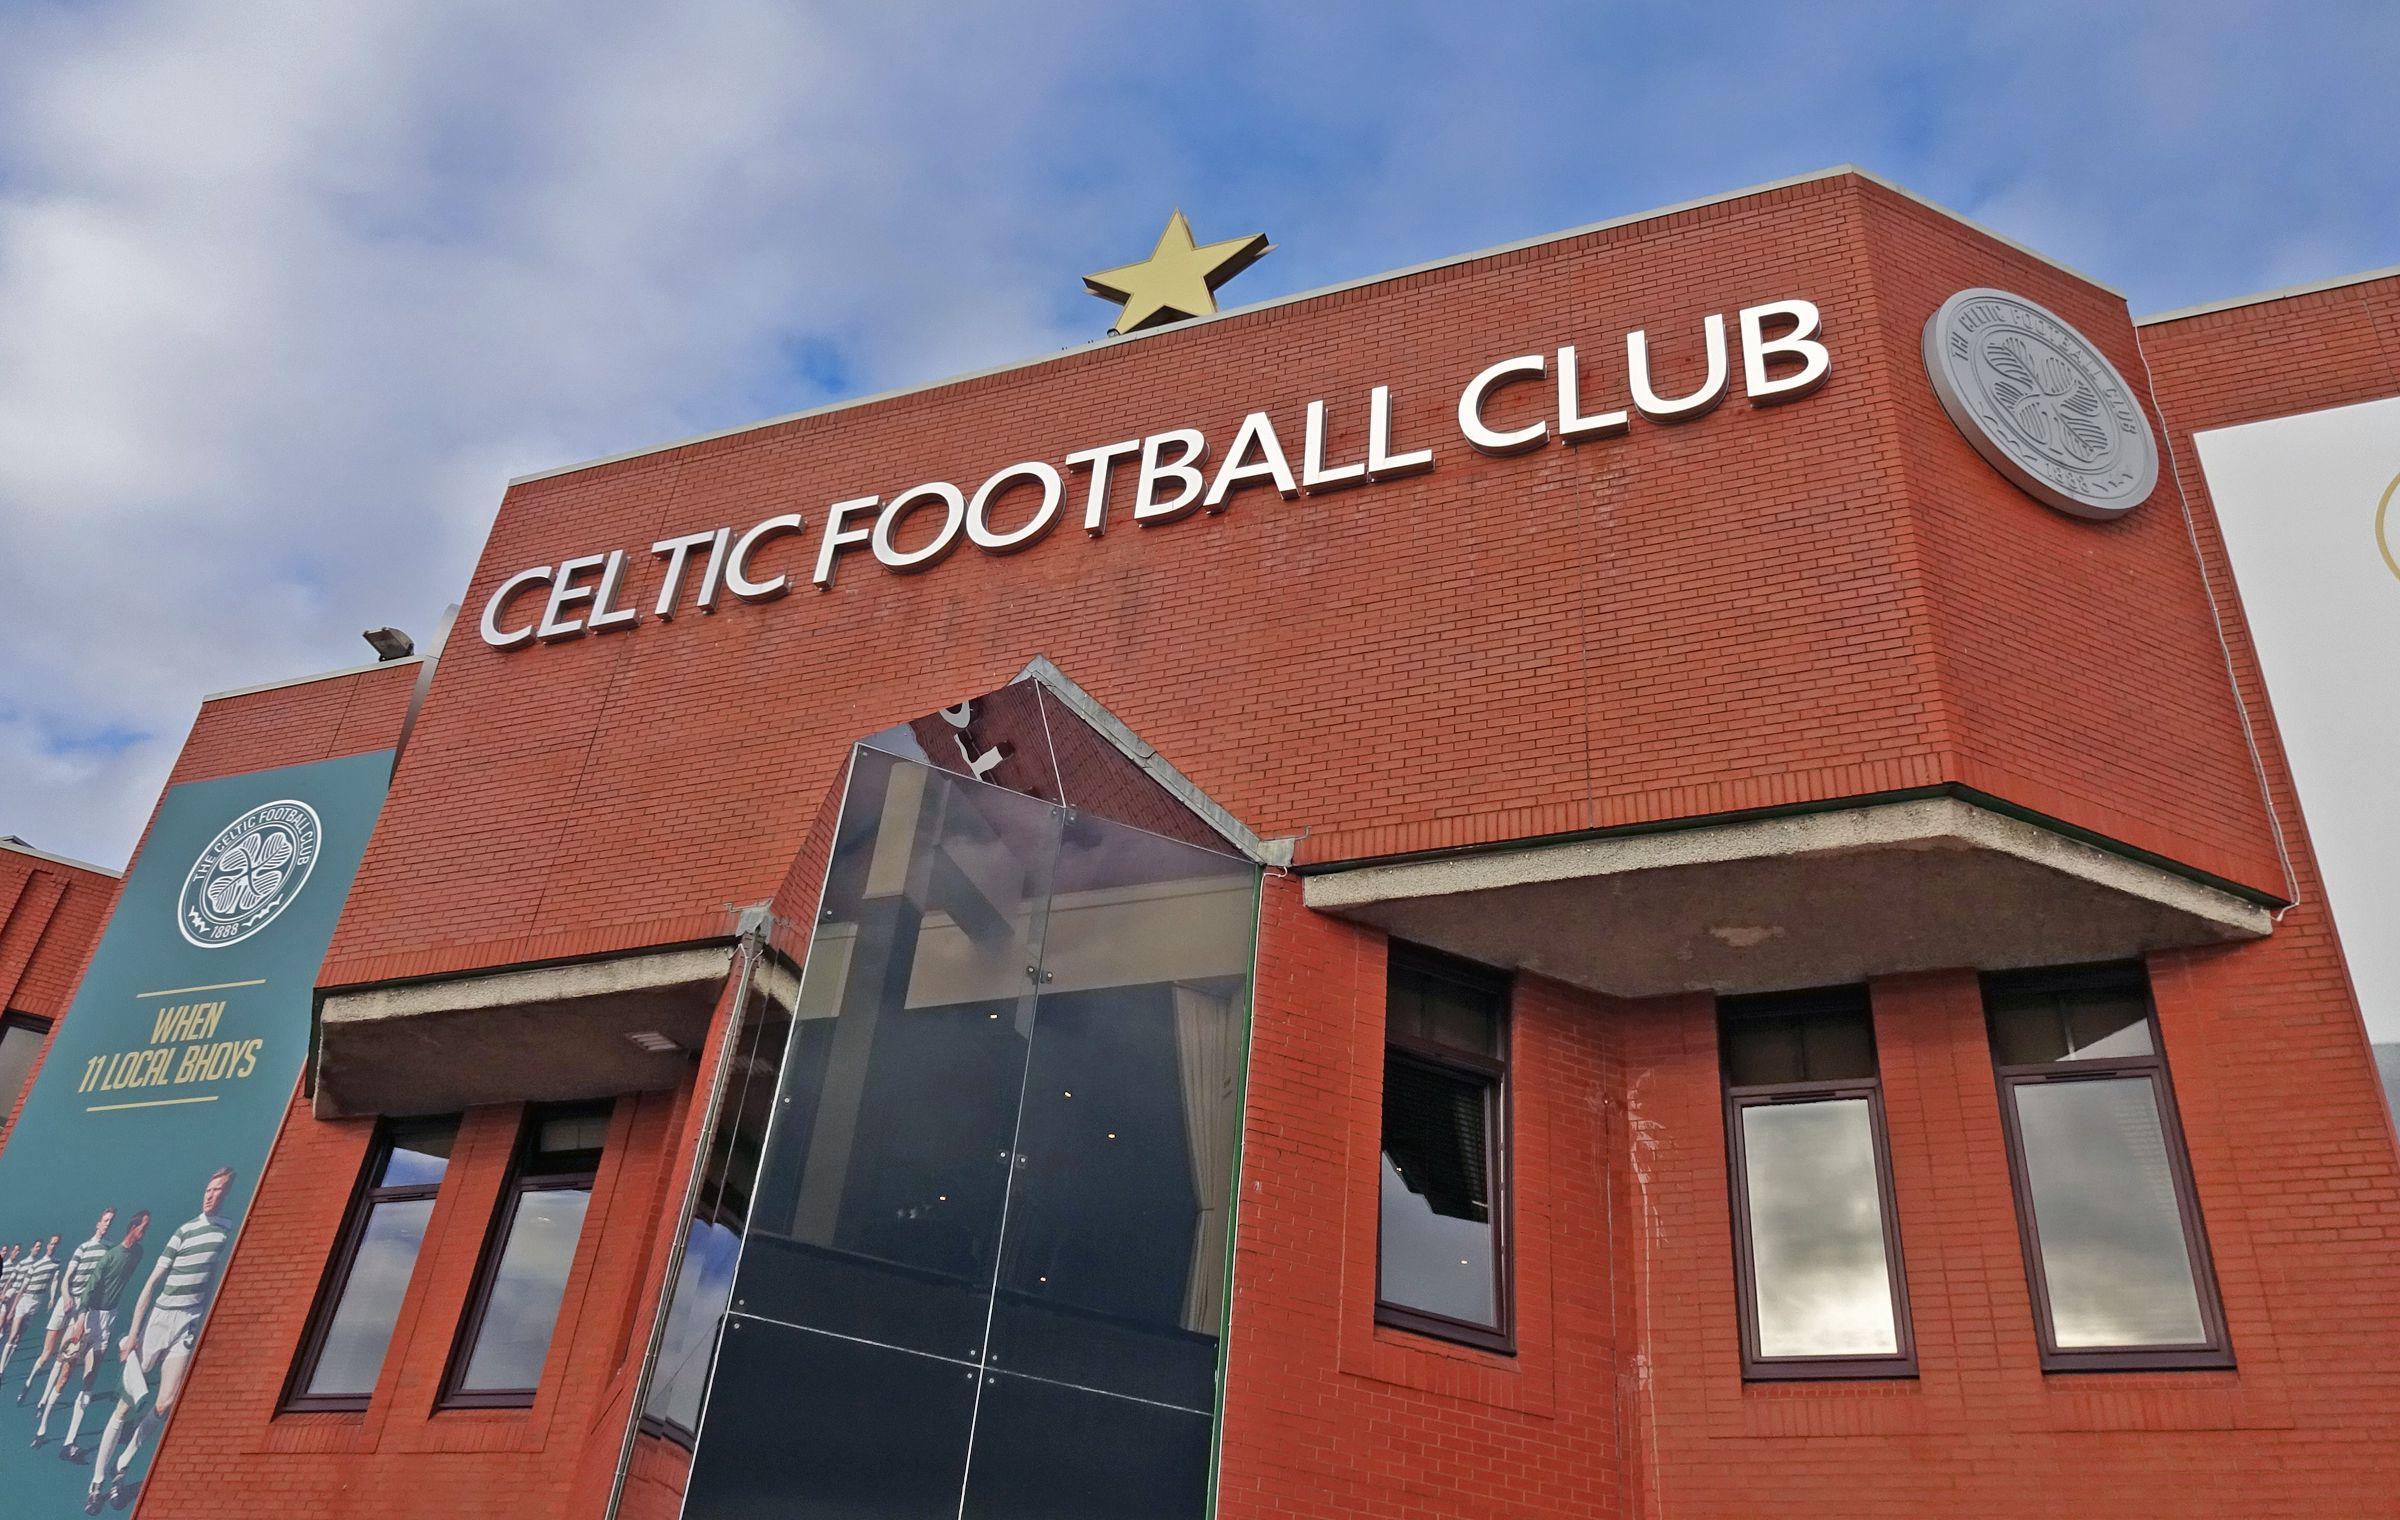 Eingang des Celtic Park im Oktober 2016